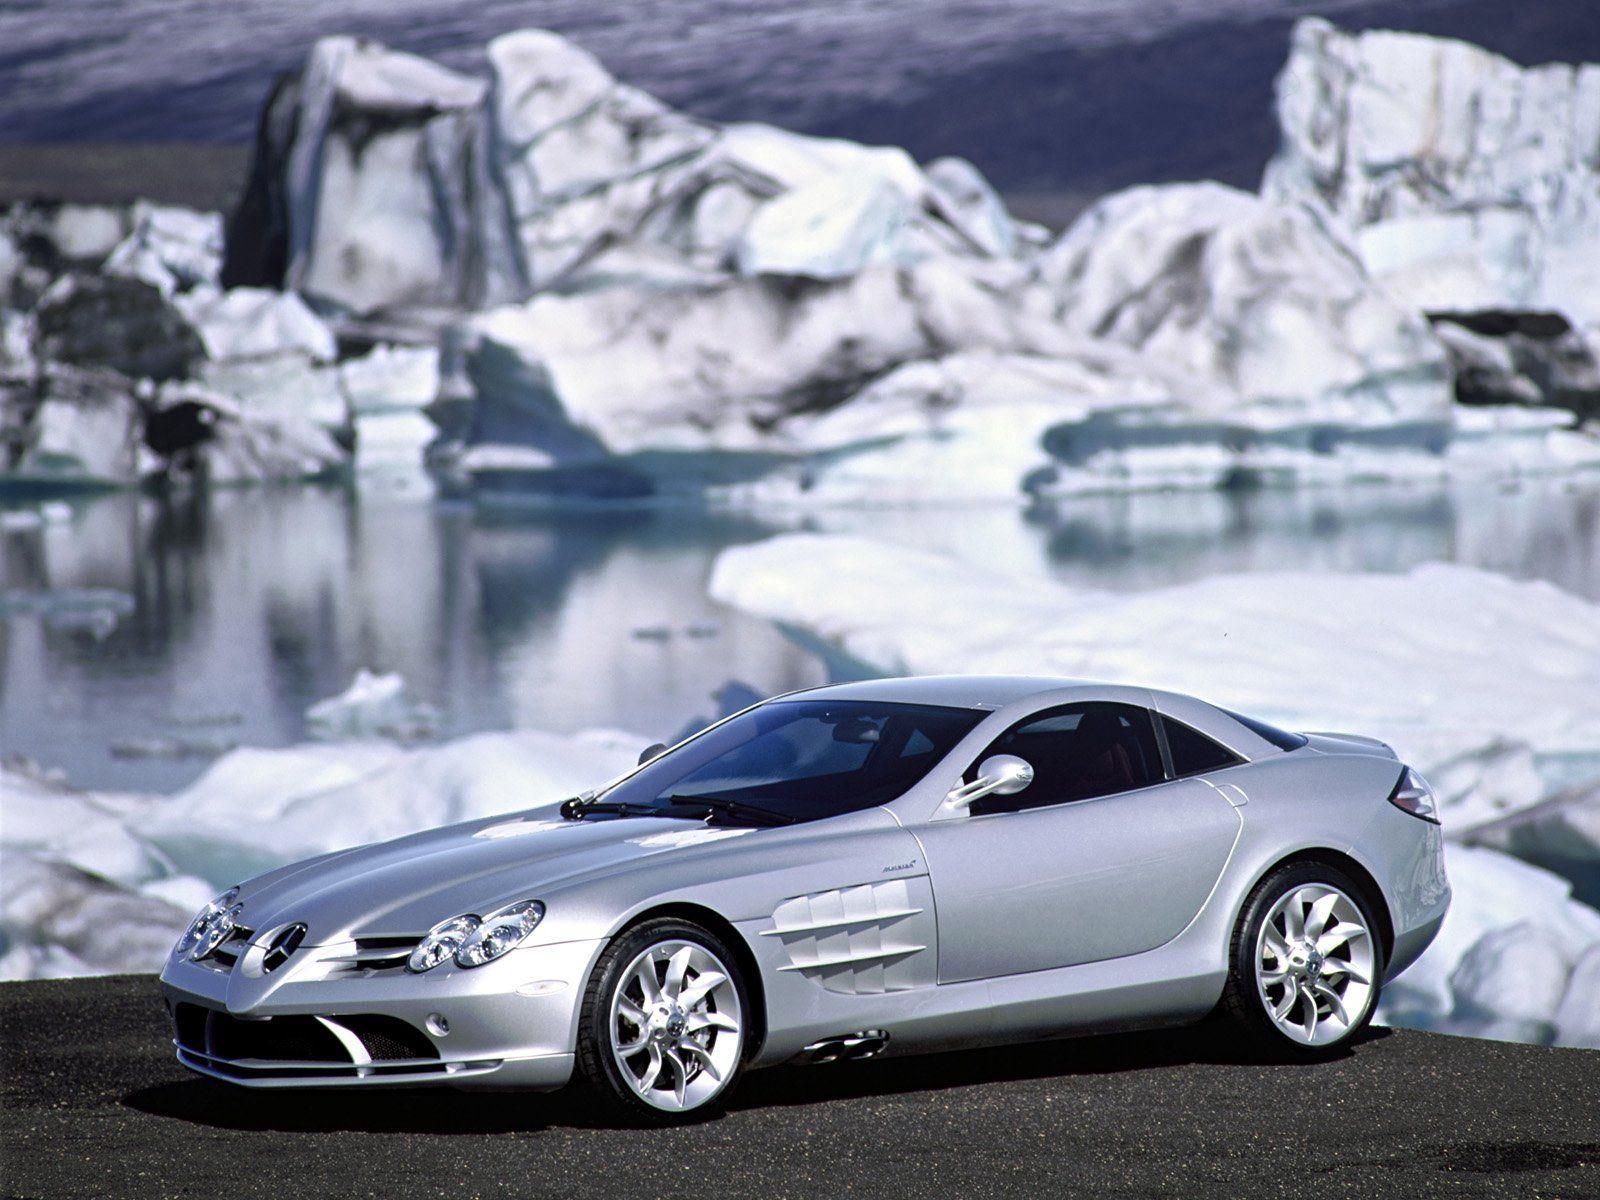 http://2.bp.blogspot.com/-elHCk0hBRwg/T4vILLItbWI/AAAAAAAAy98/vNDzXnXvZNU/s1600/Mercedes+SLR+McLaren+Cars+Pictures+(6).jpg